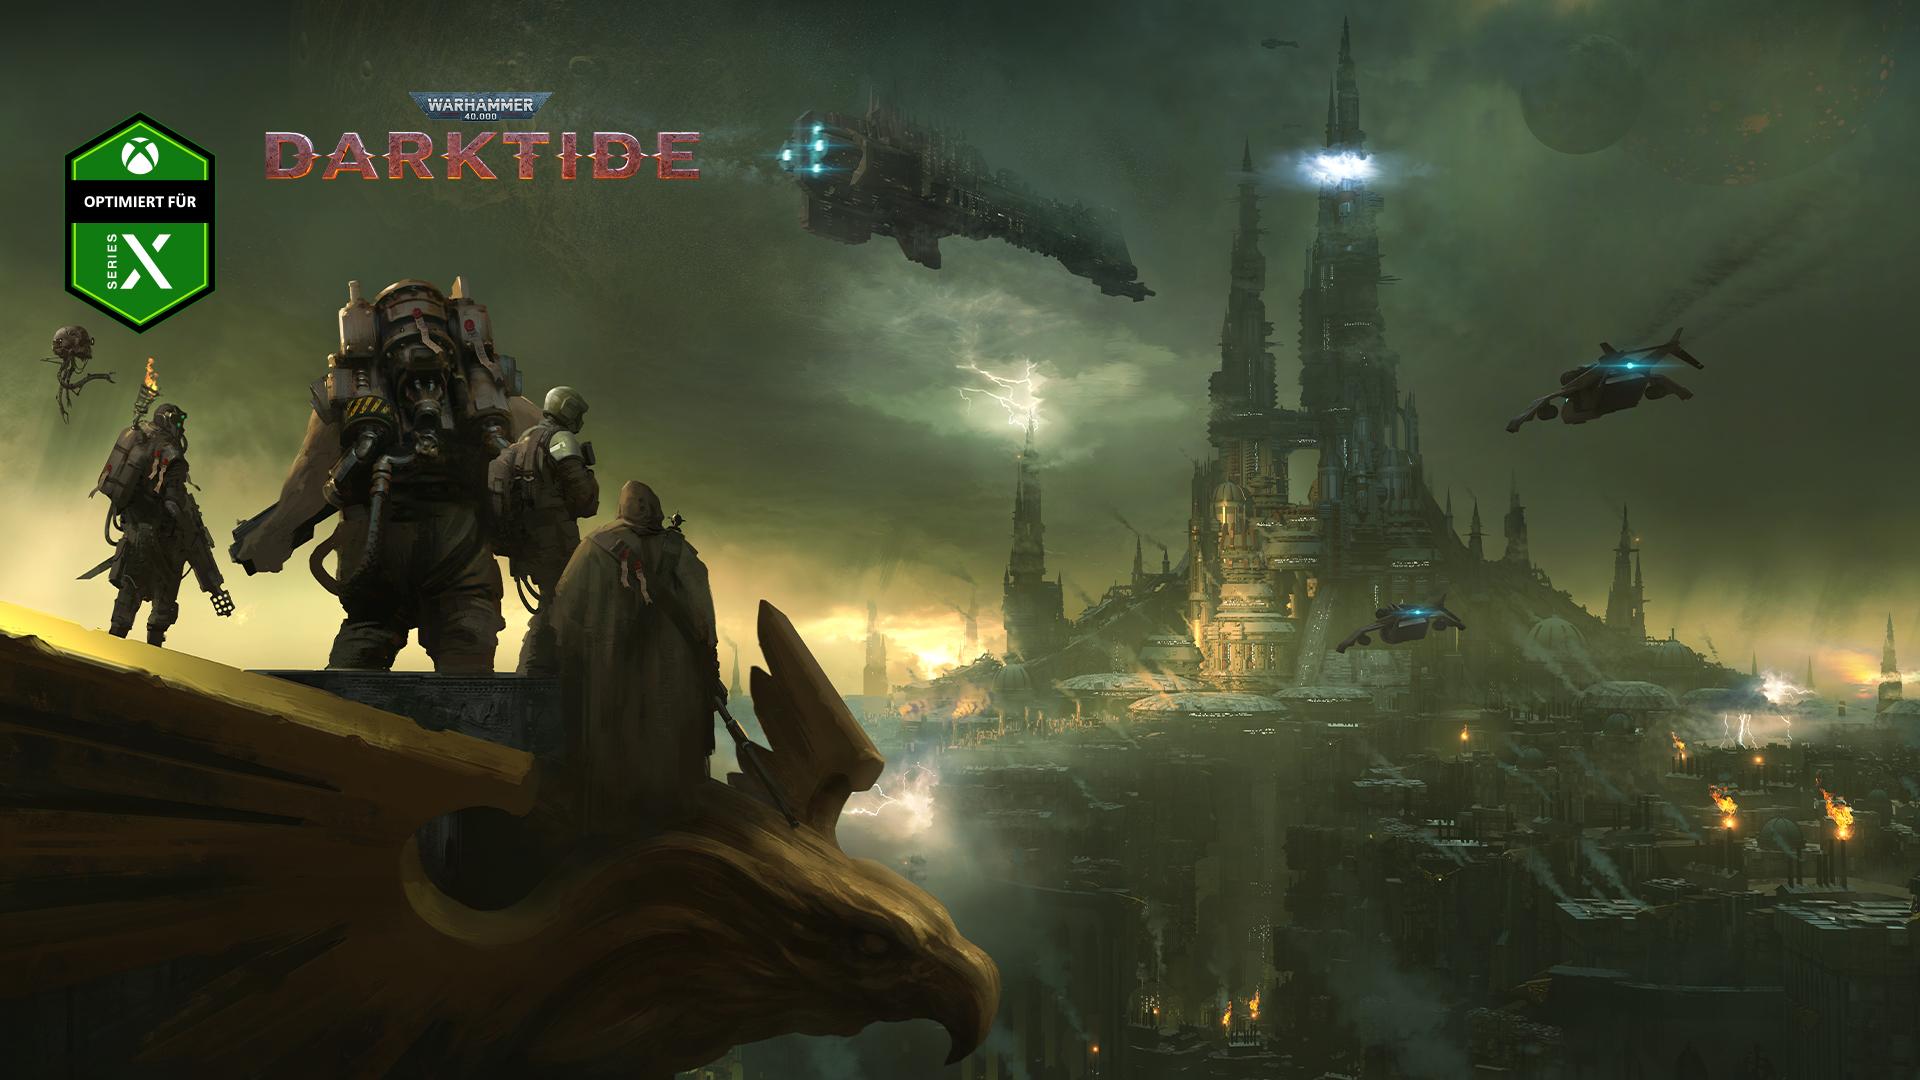 Optimiert für Series X, Warhammer 40.000 Darktide, eine Gruppe von Figuren blickt über eine in Nebel gehüllte Stadt.